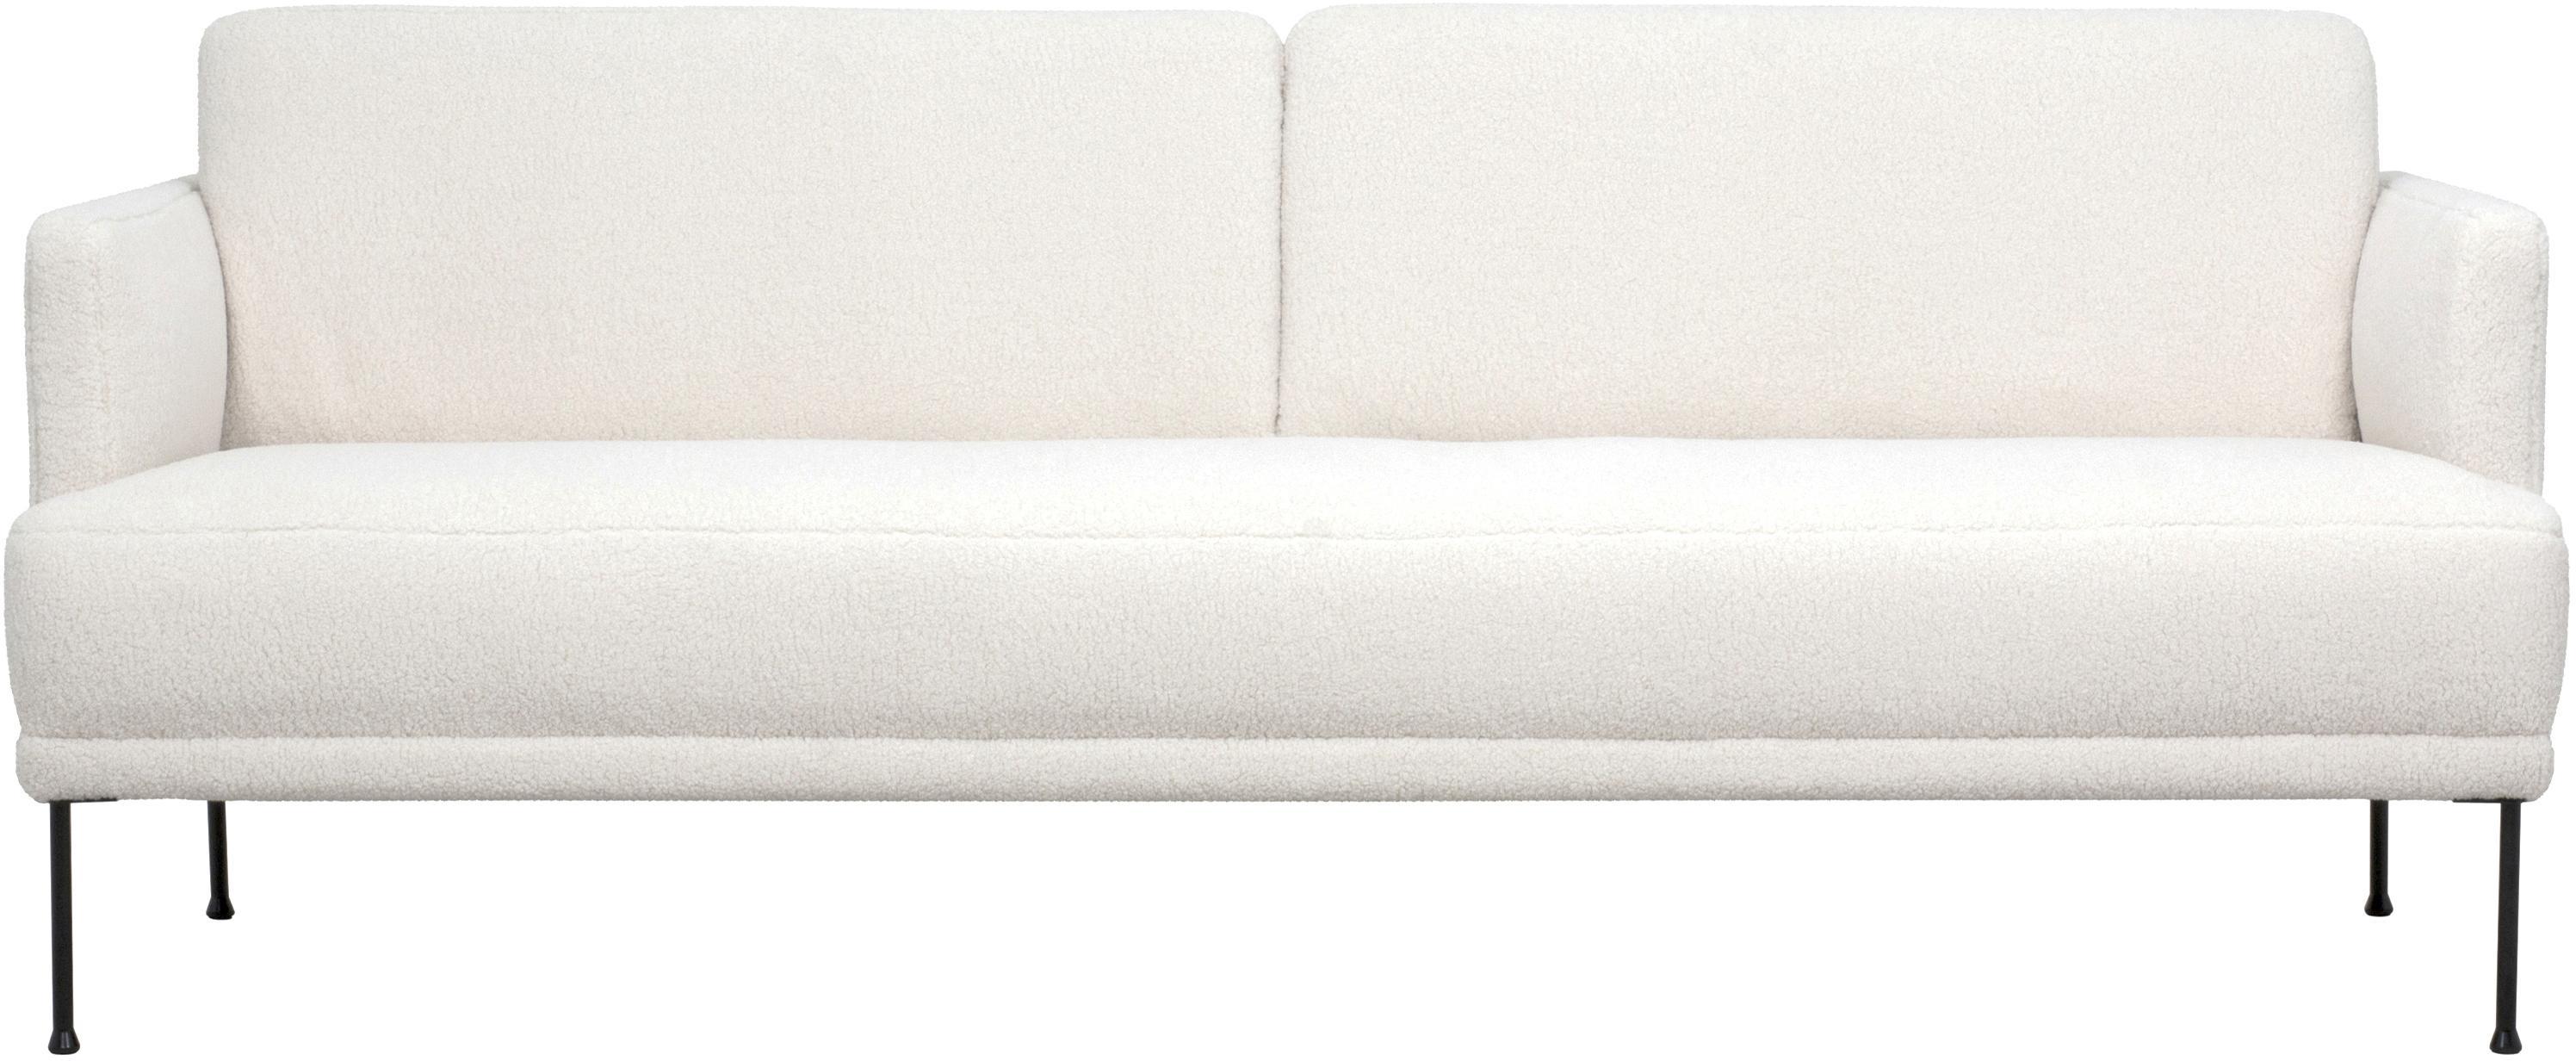 Teddy-Sofa Fluente (3-Sitzer), Bezug: 100% Polyester (Teddyfell, Gestell: Massives Kiefernholz, Teddy Cremeweiss, B 196 x T 85 cm